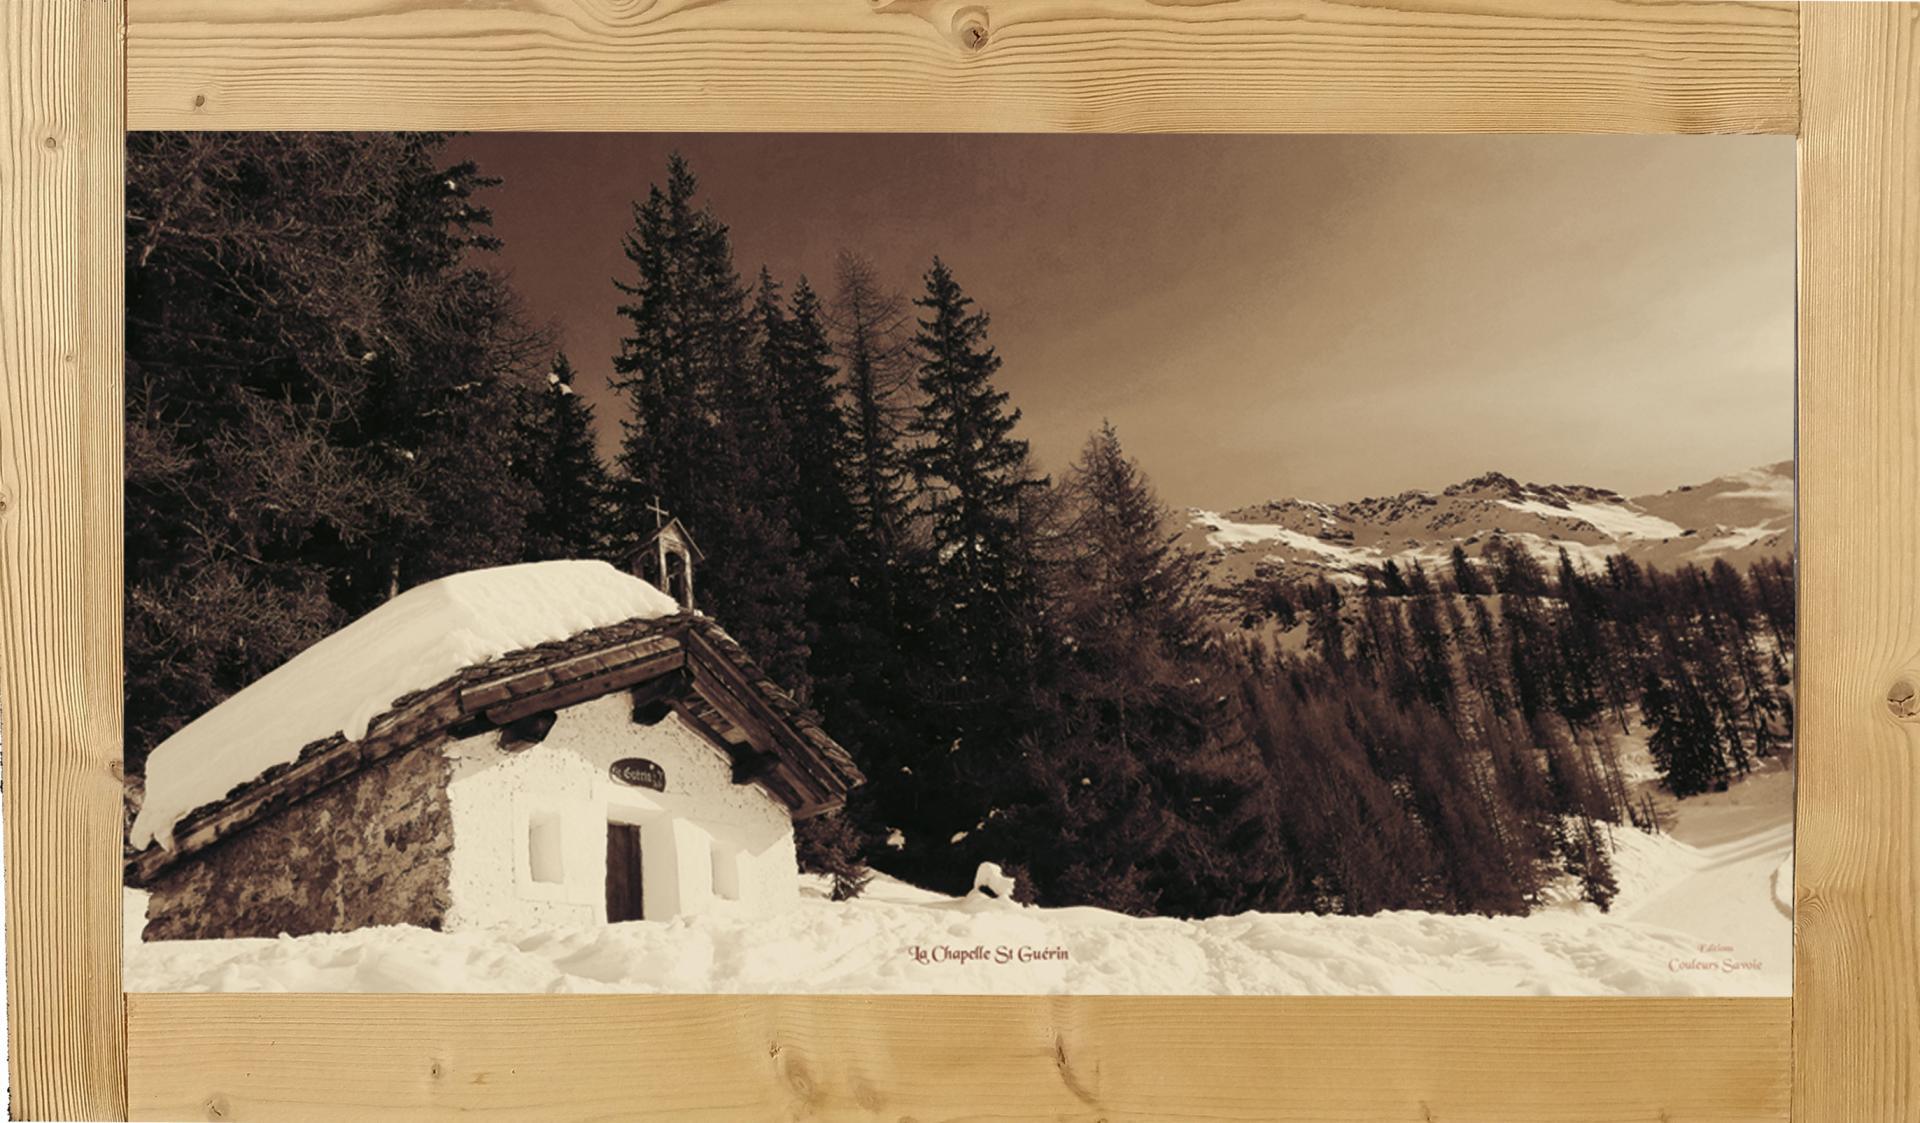 tableau-bi-chromi-chapelle-st-guerin-100x50-couleurssavoie